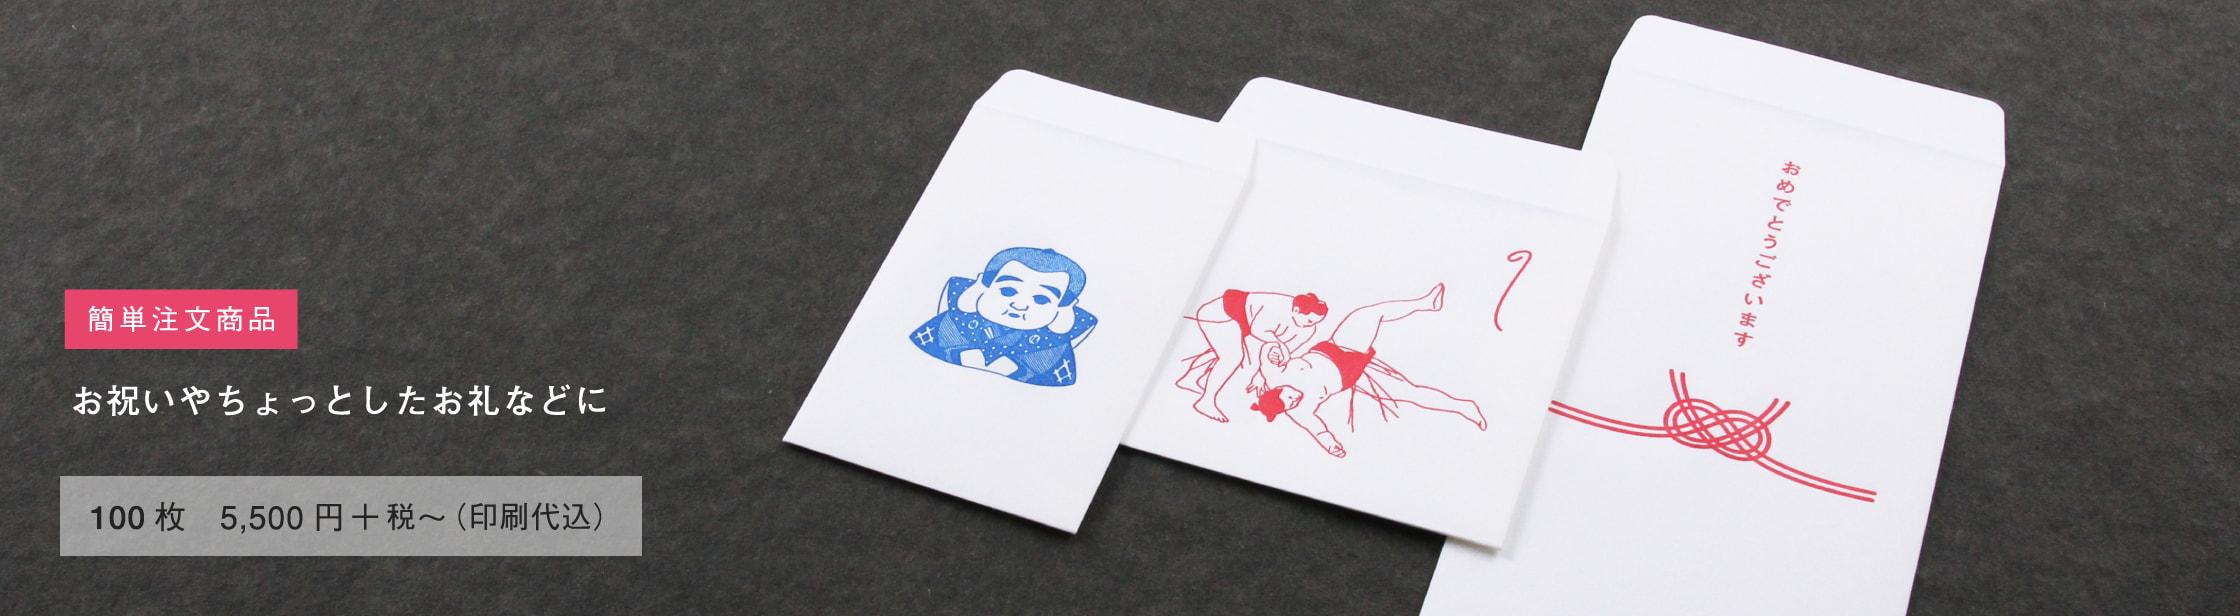 活版印刷で作る のし袋